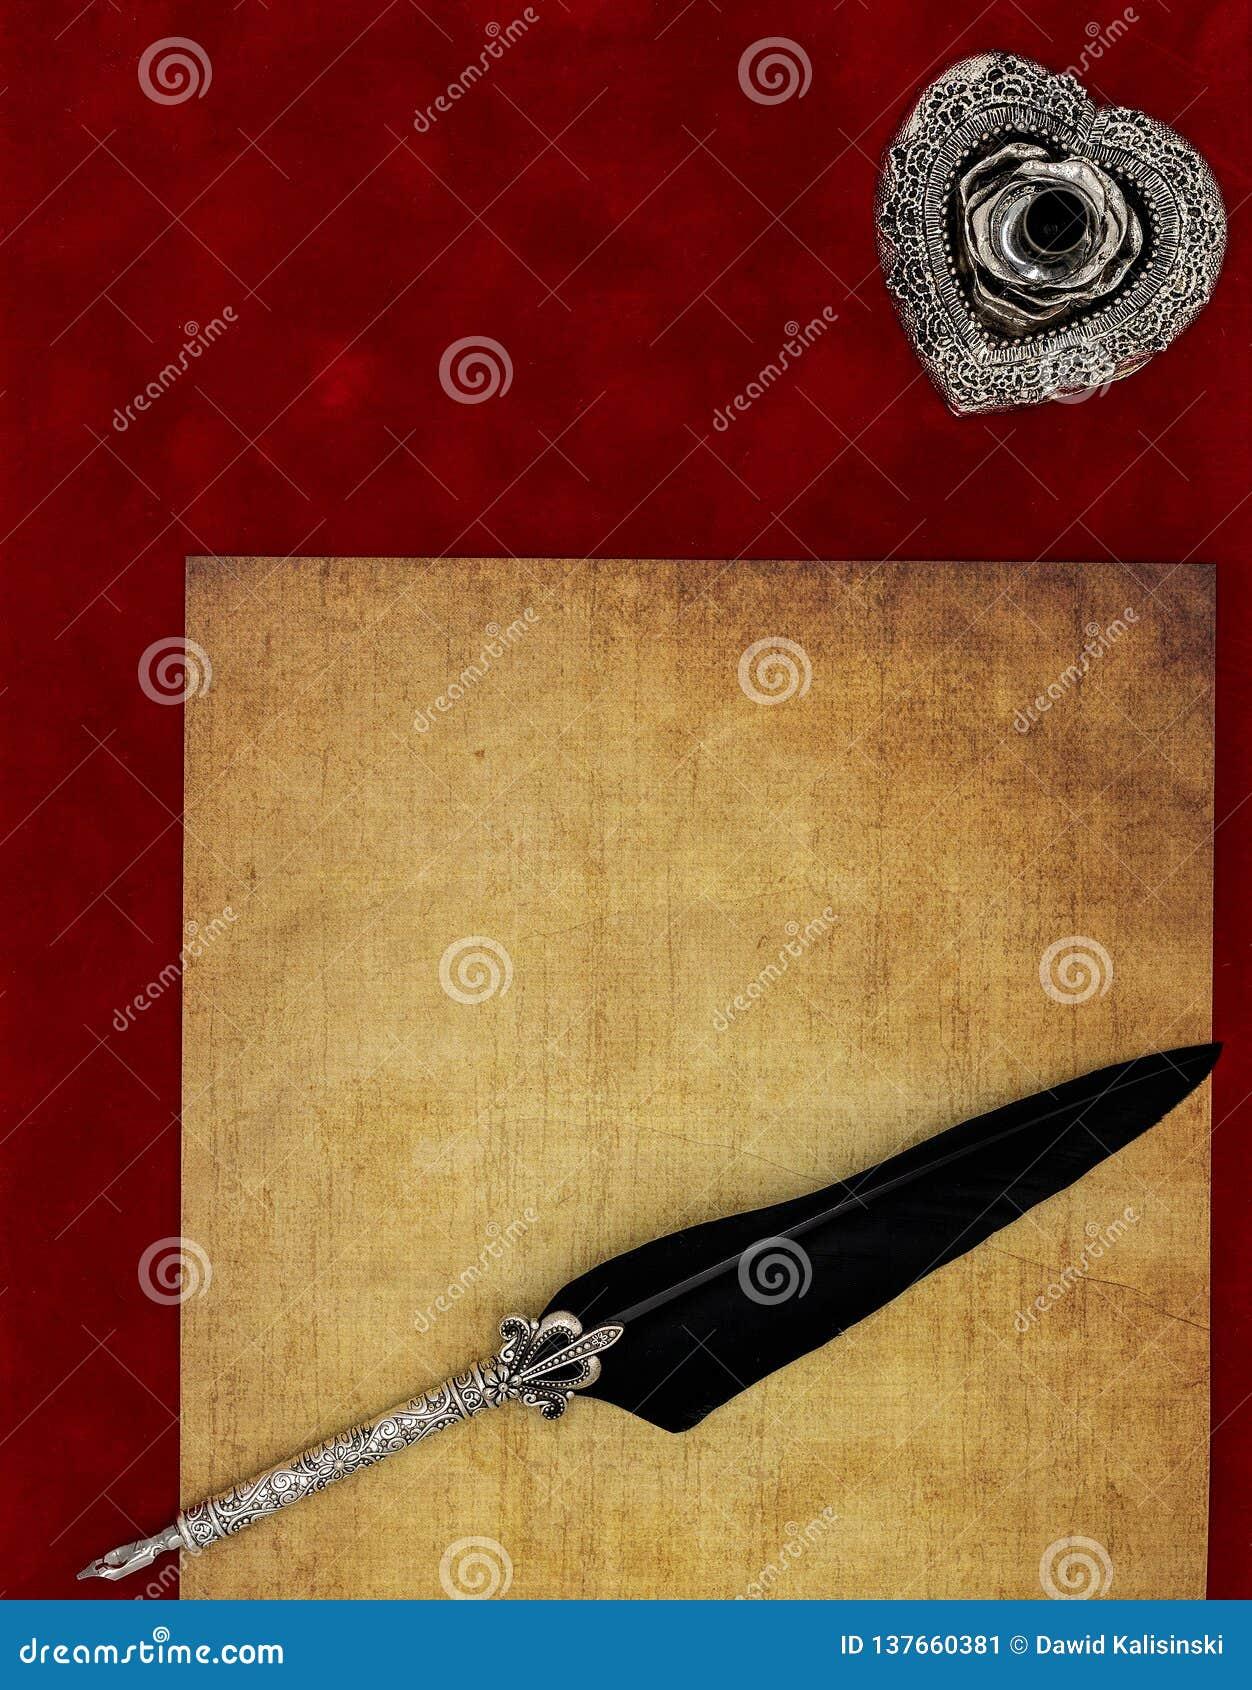 Rocznika pustego preachment dutki ozdobny srebny stojak ornamentował dutkę - listu miłosnego pojęcie